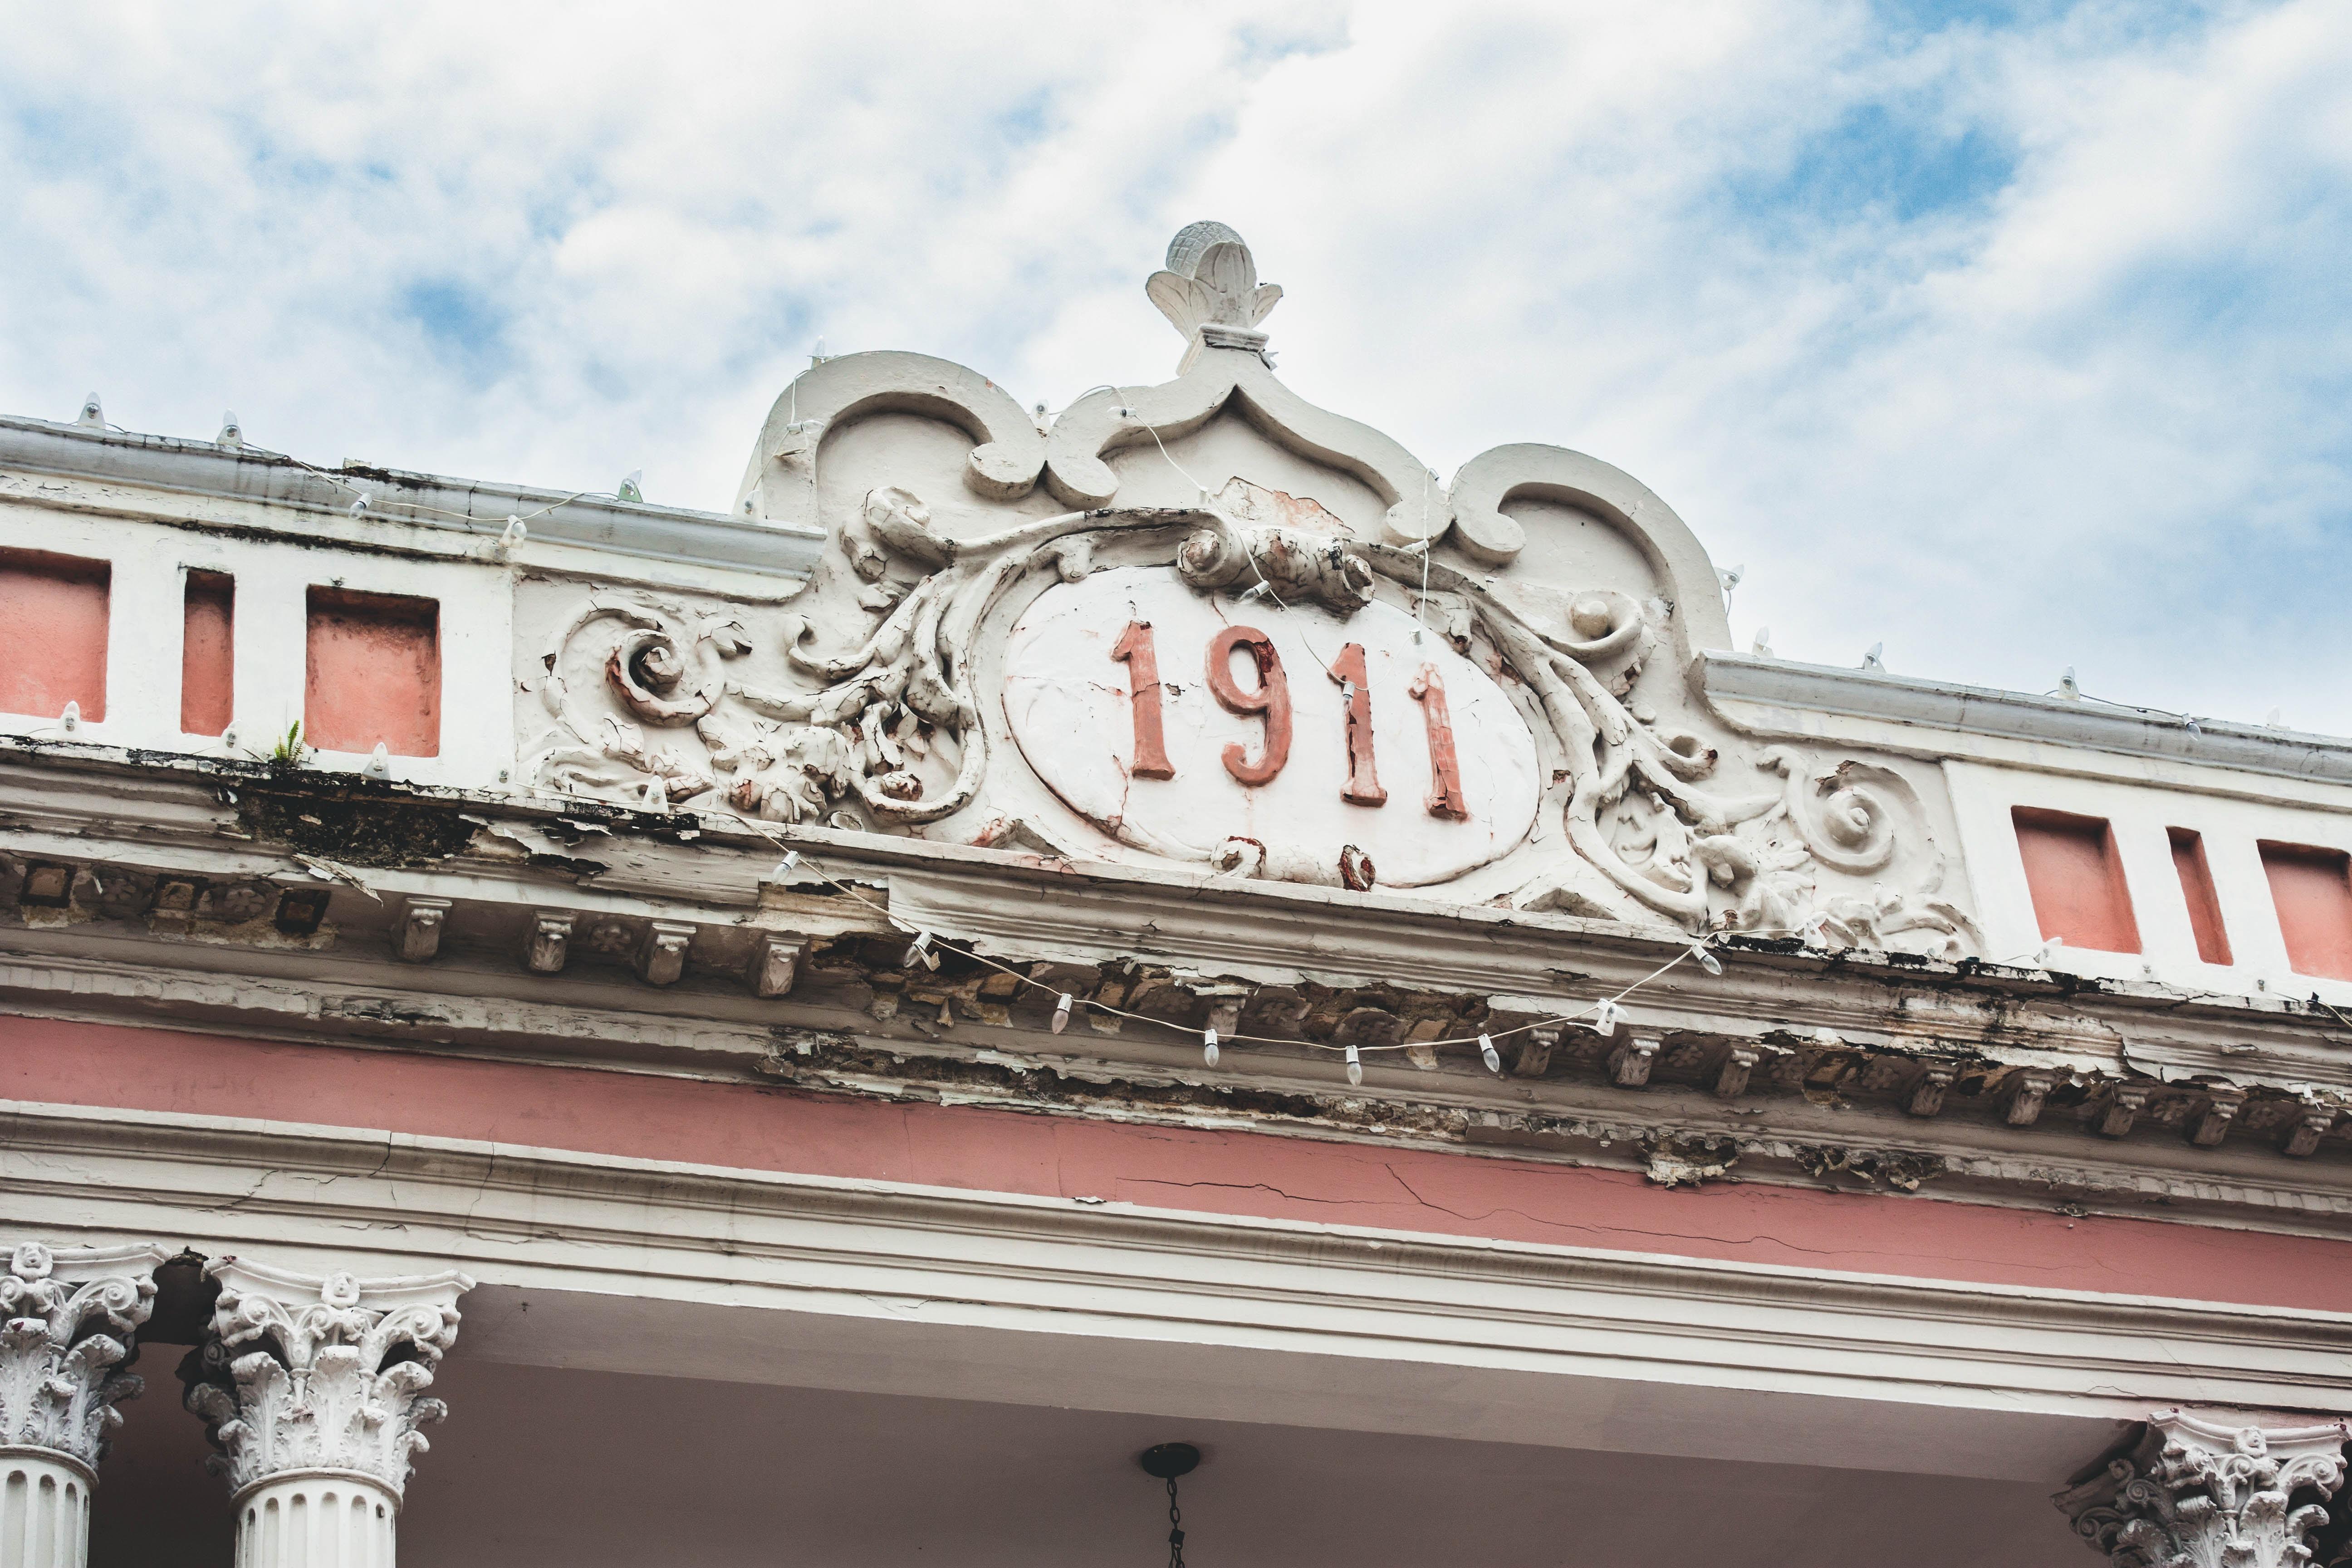 1911 museum